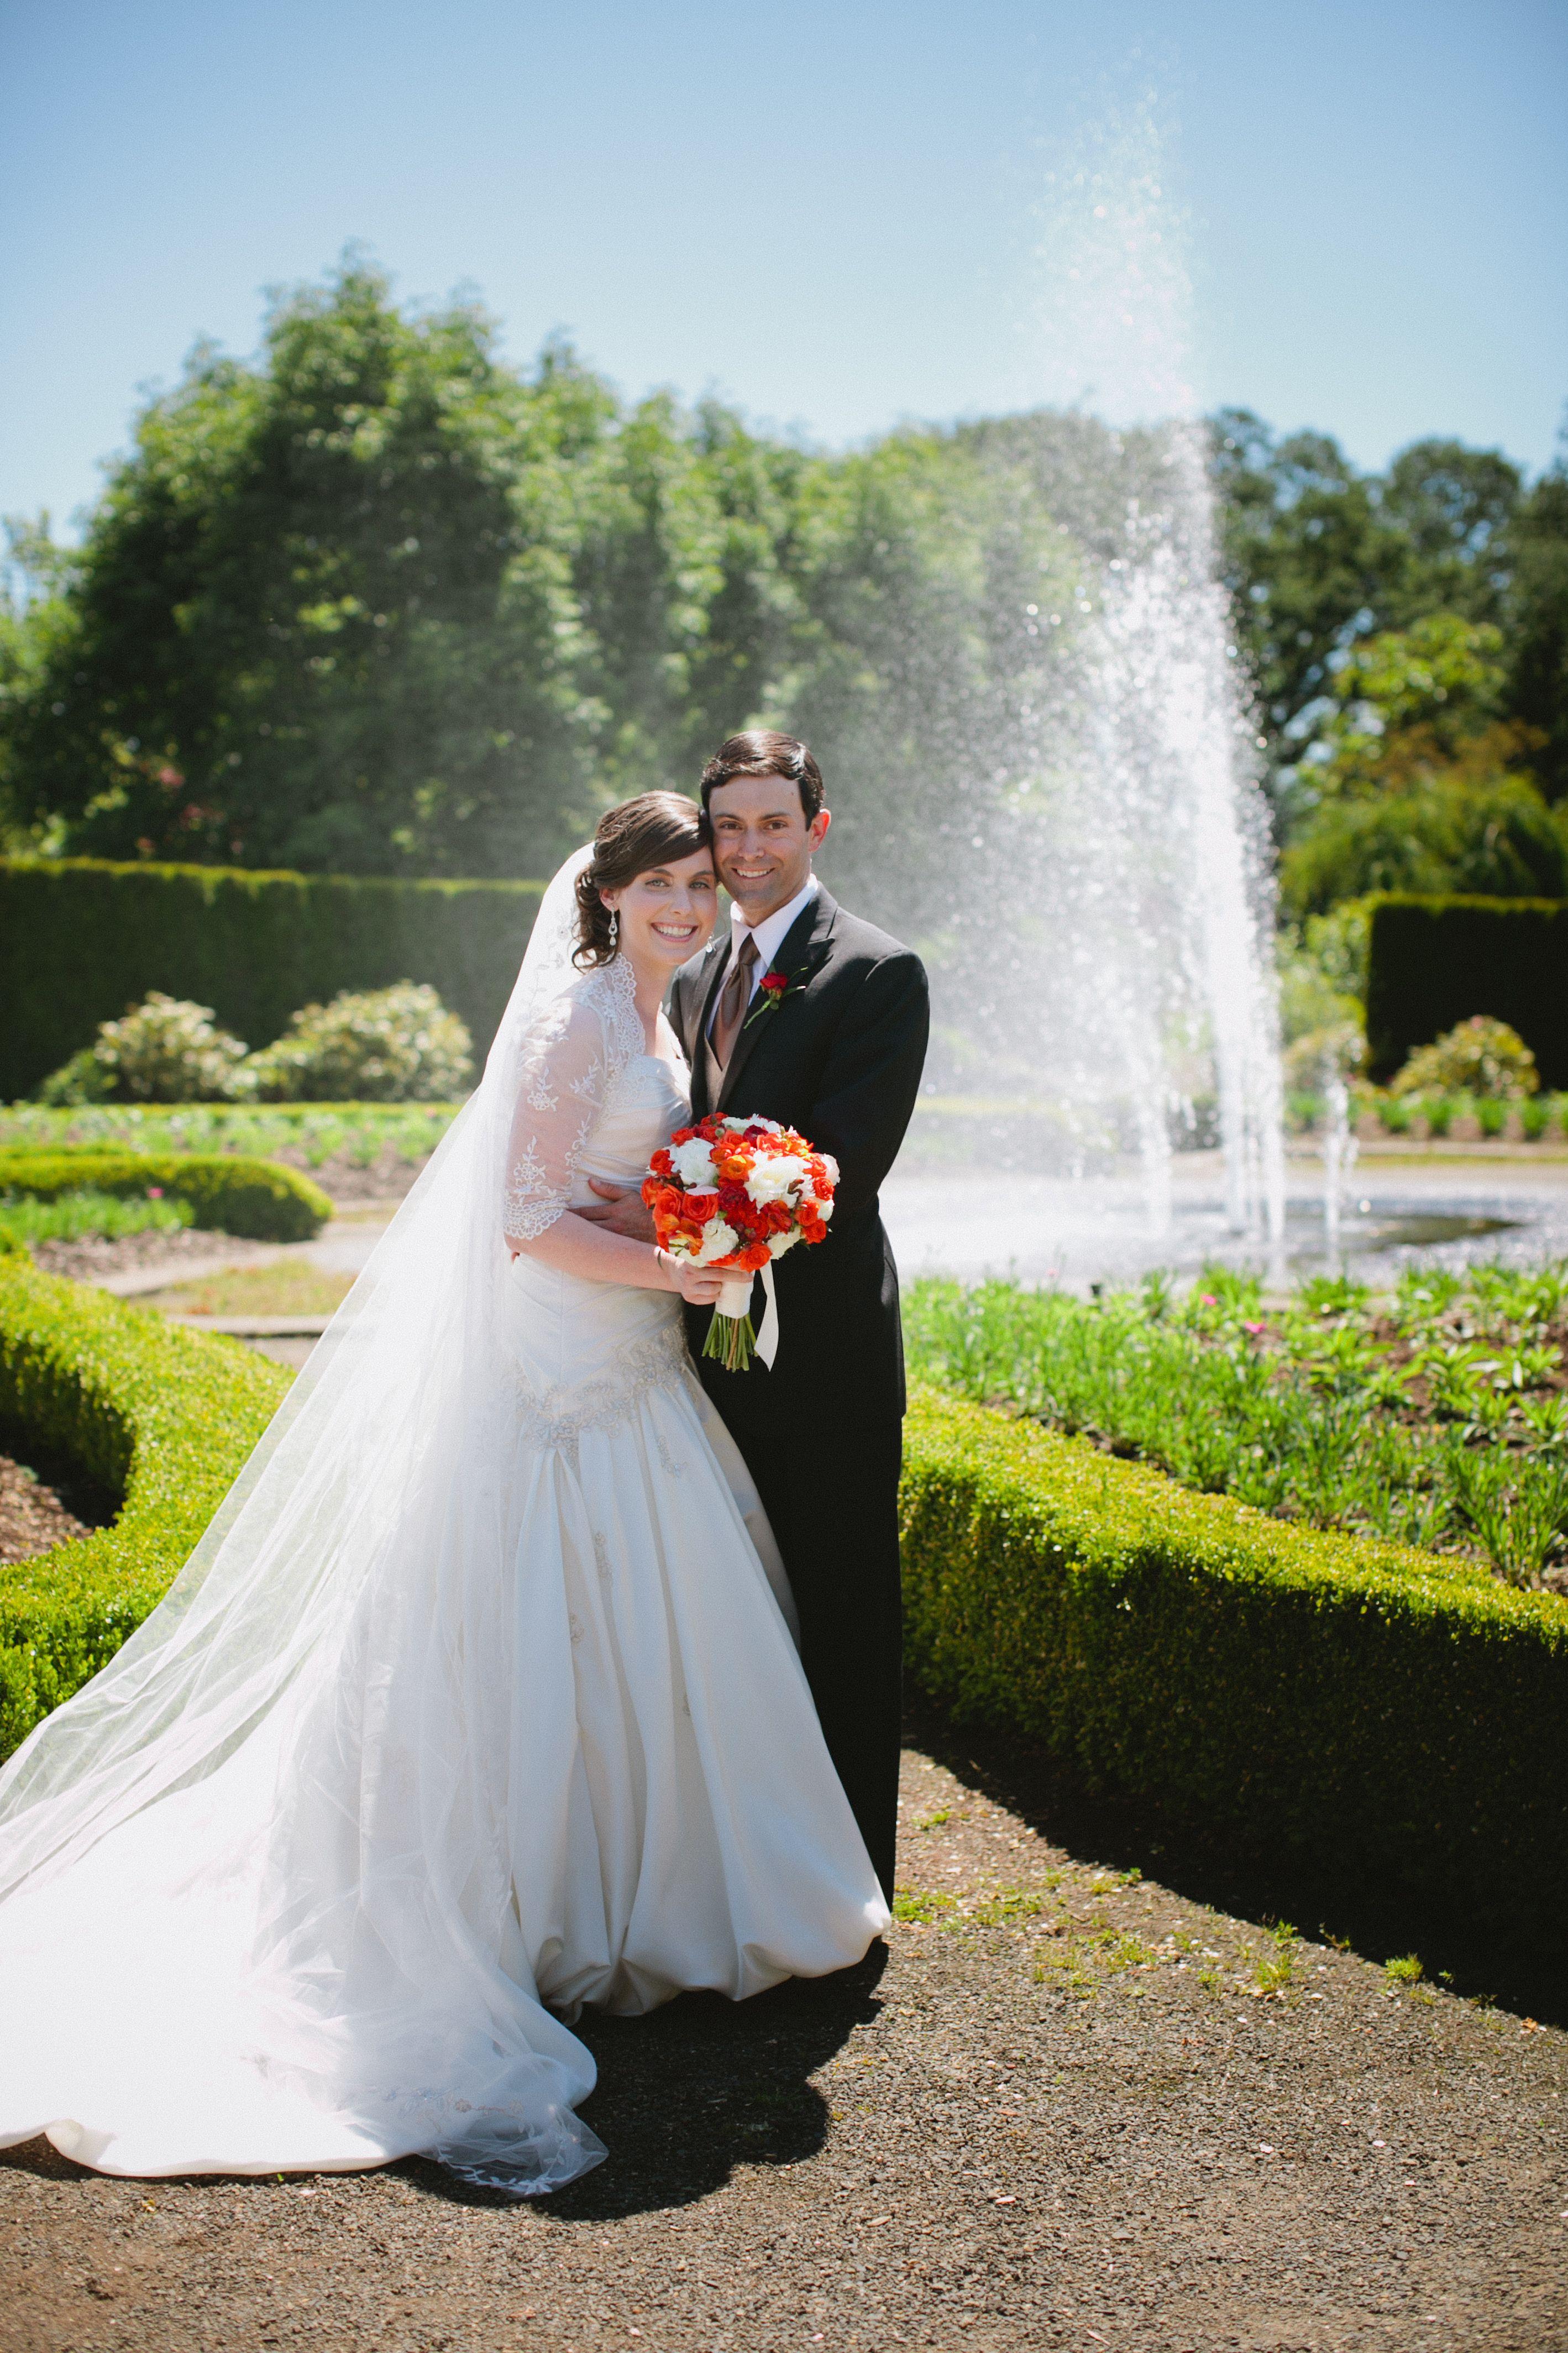 Sunny Weddings in 2020 | Wedding venues oregon, Oregon ...